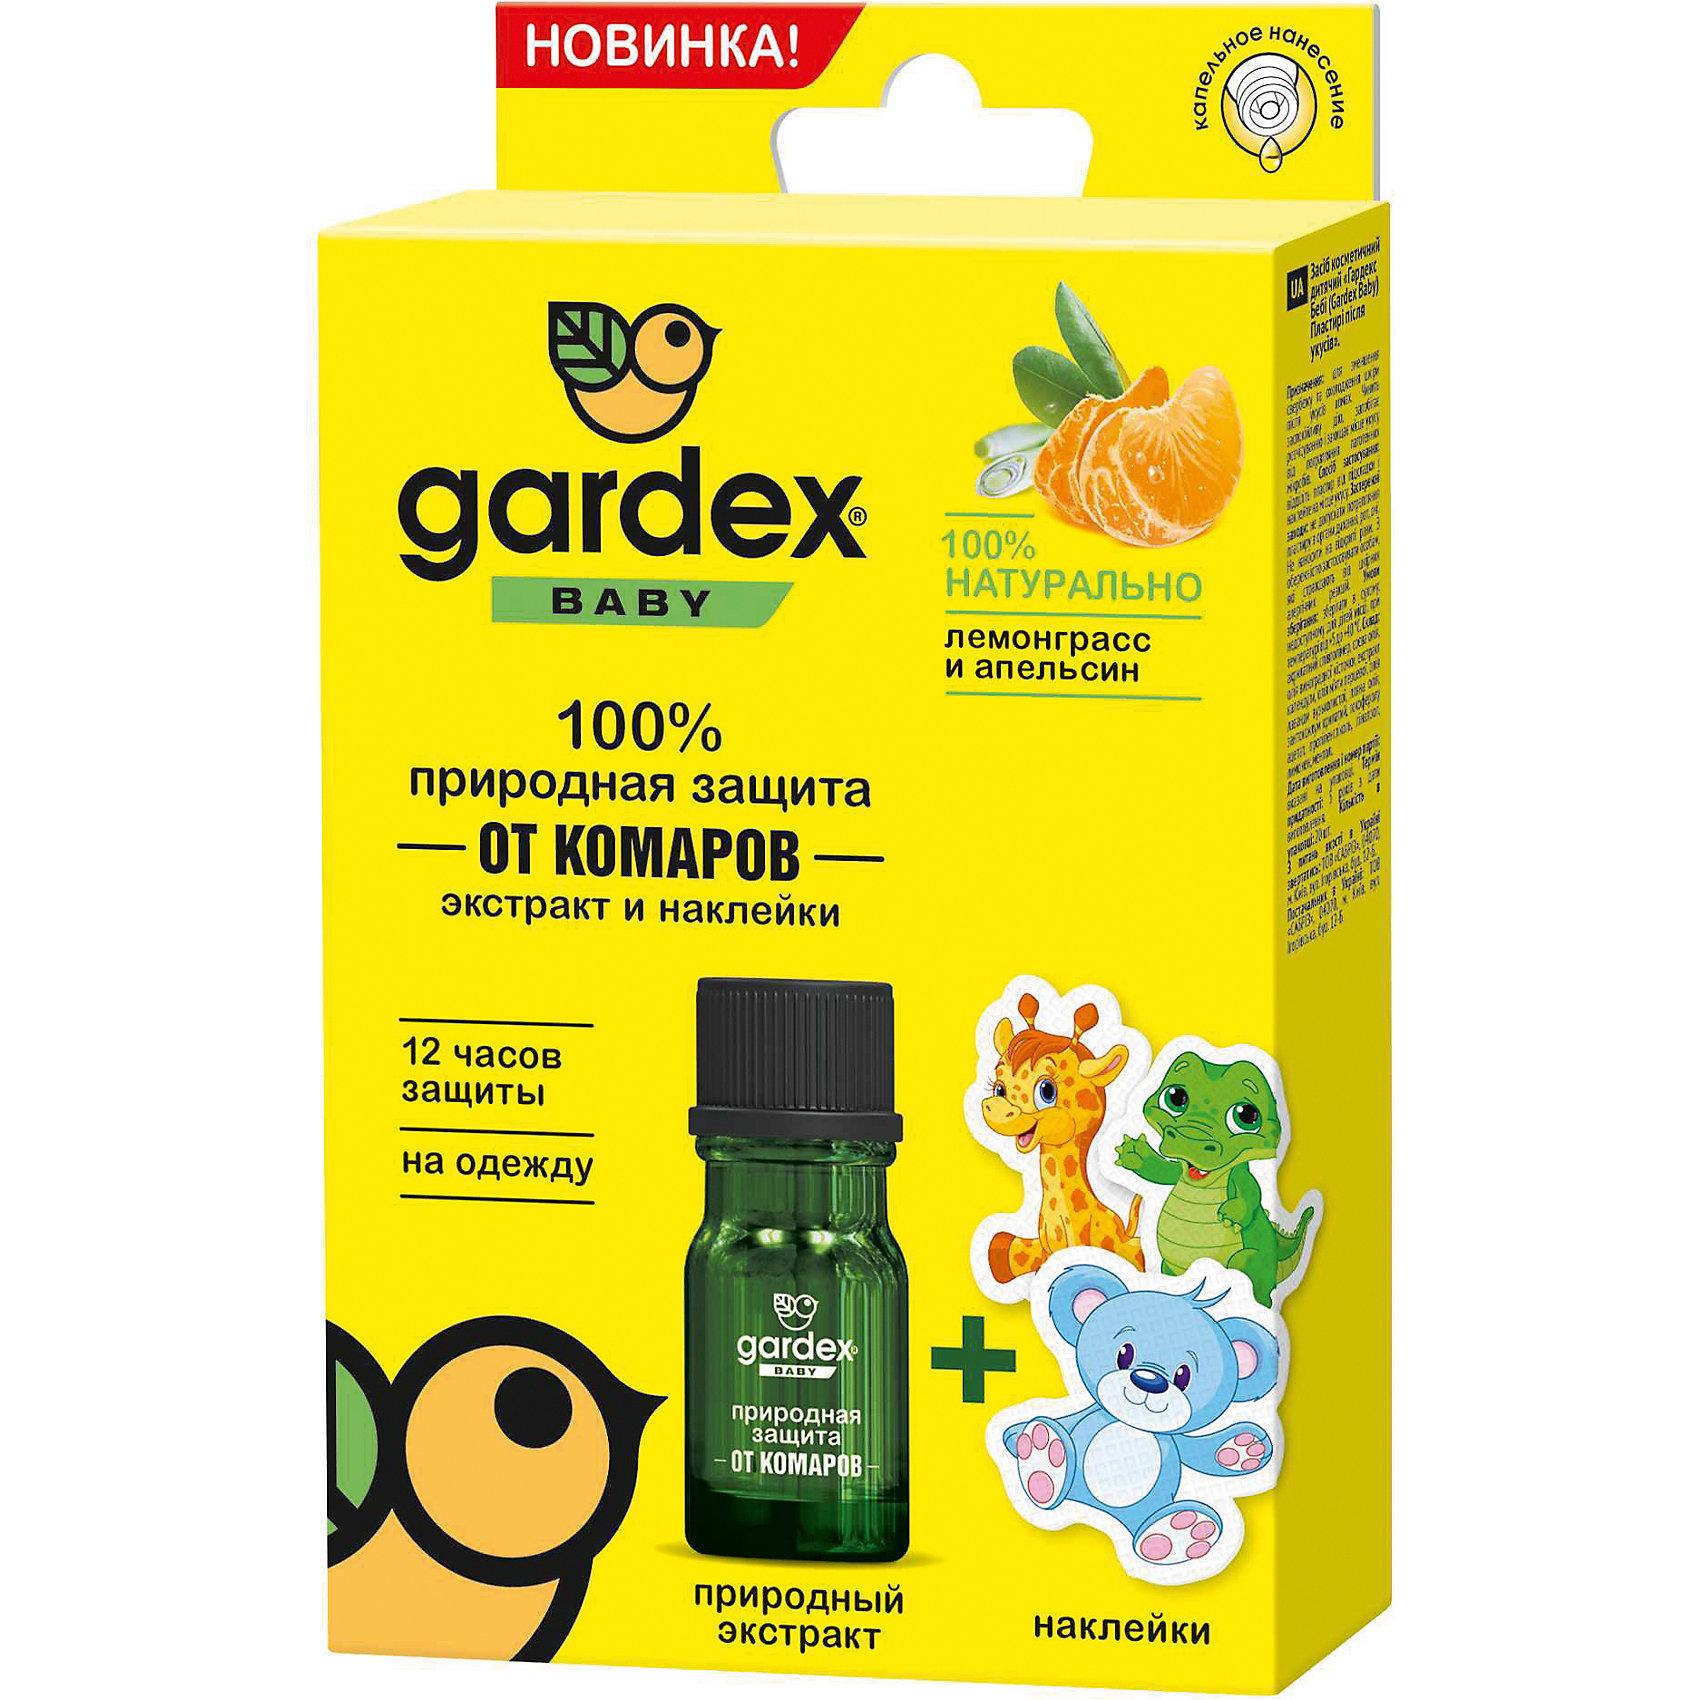 Экстракт от комаров Природная защита, Gardex Baby